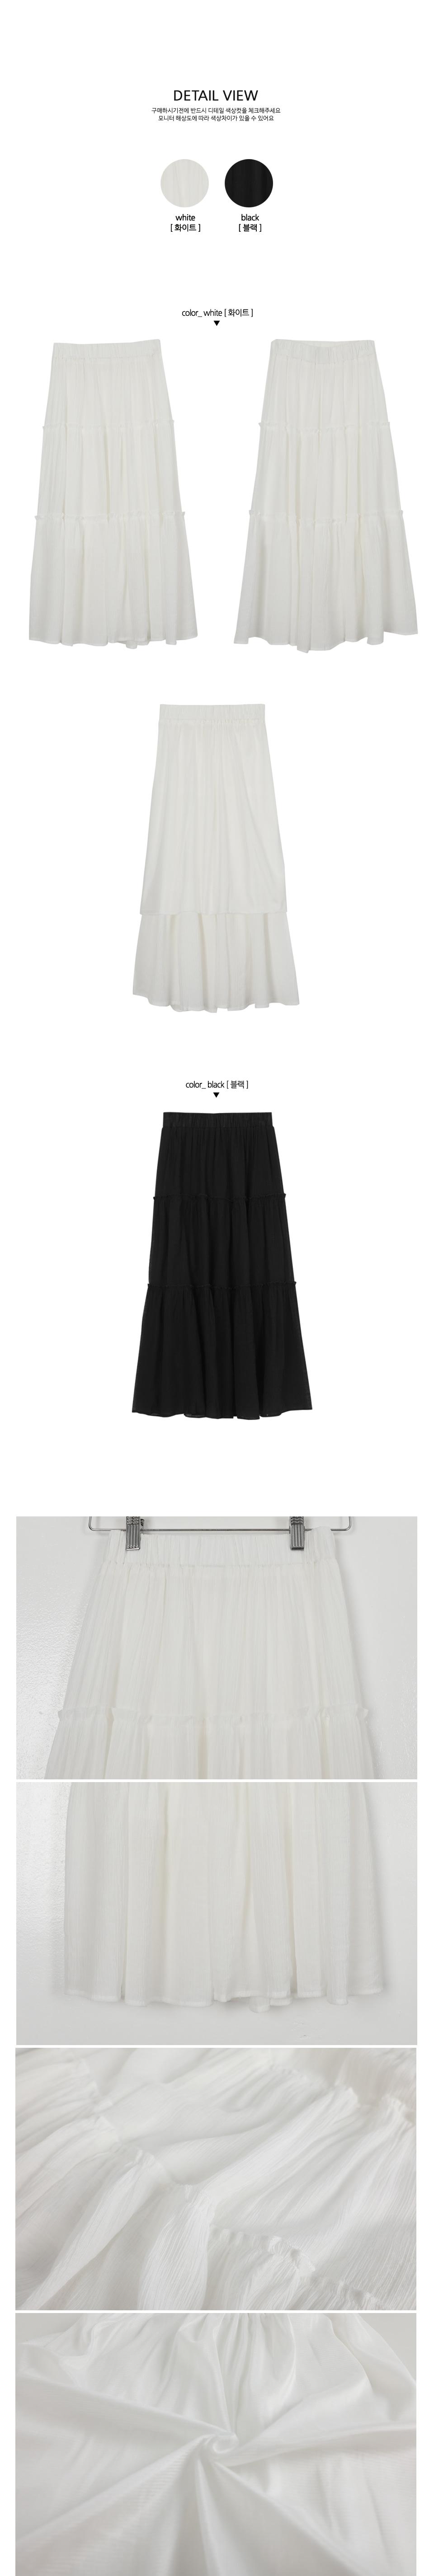 Sweetheart long skirt